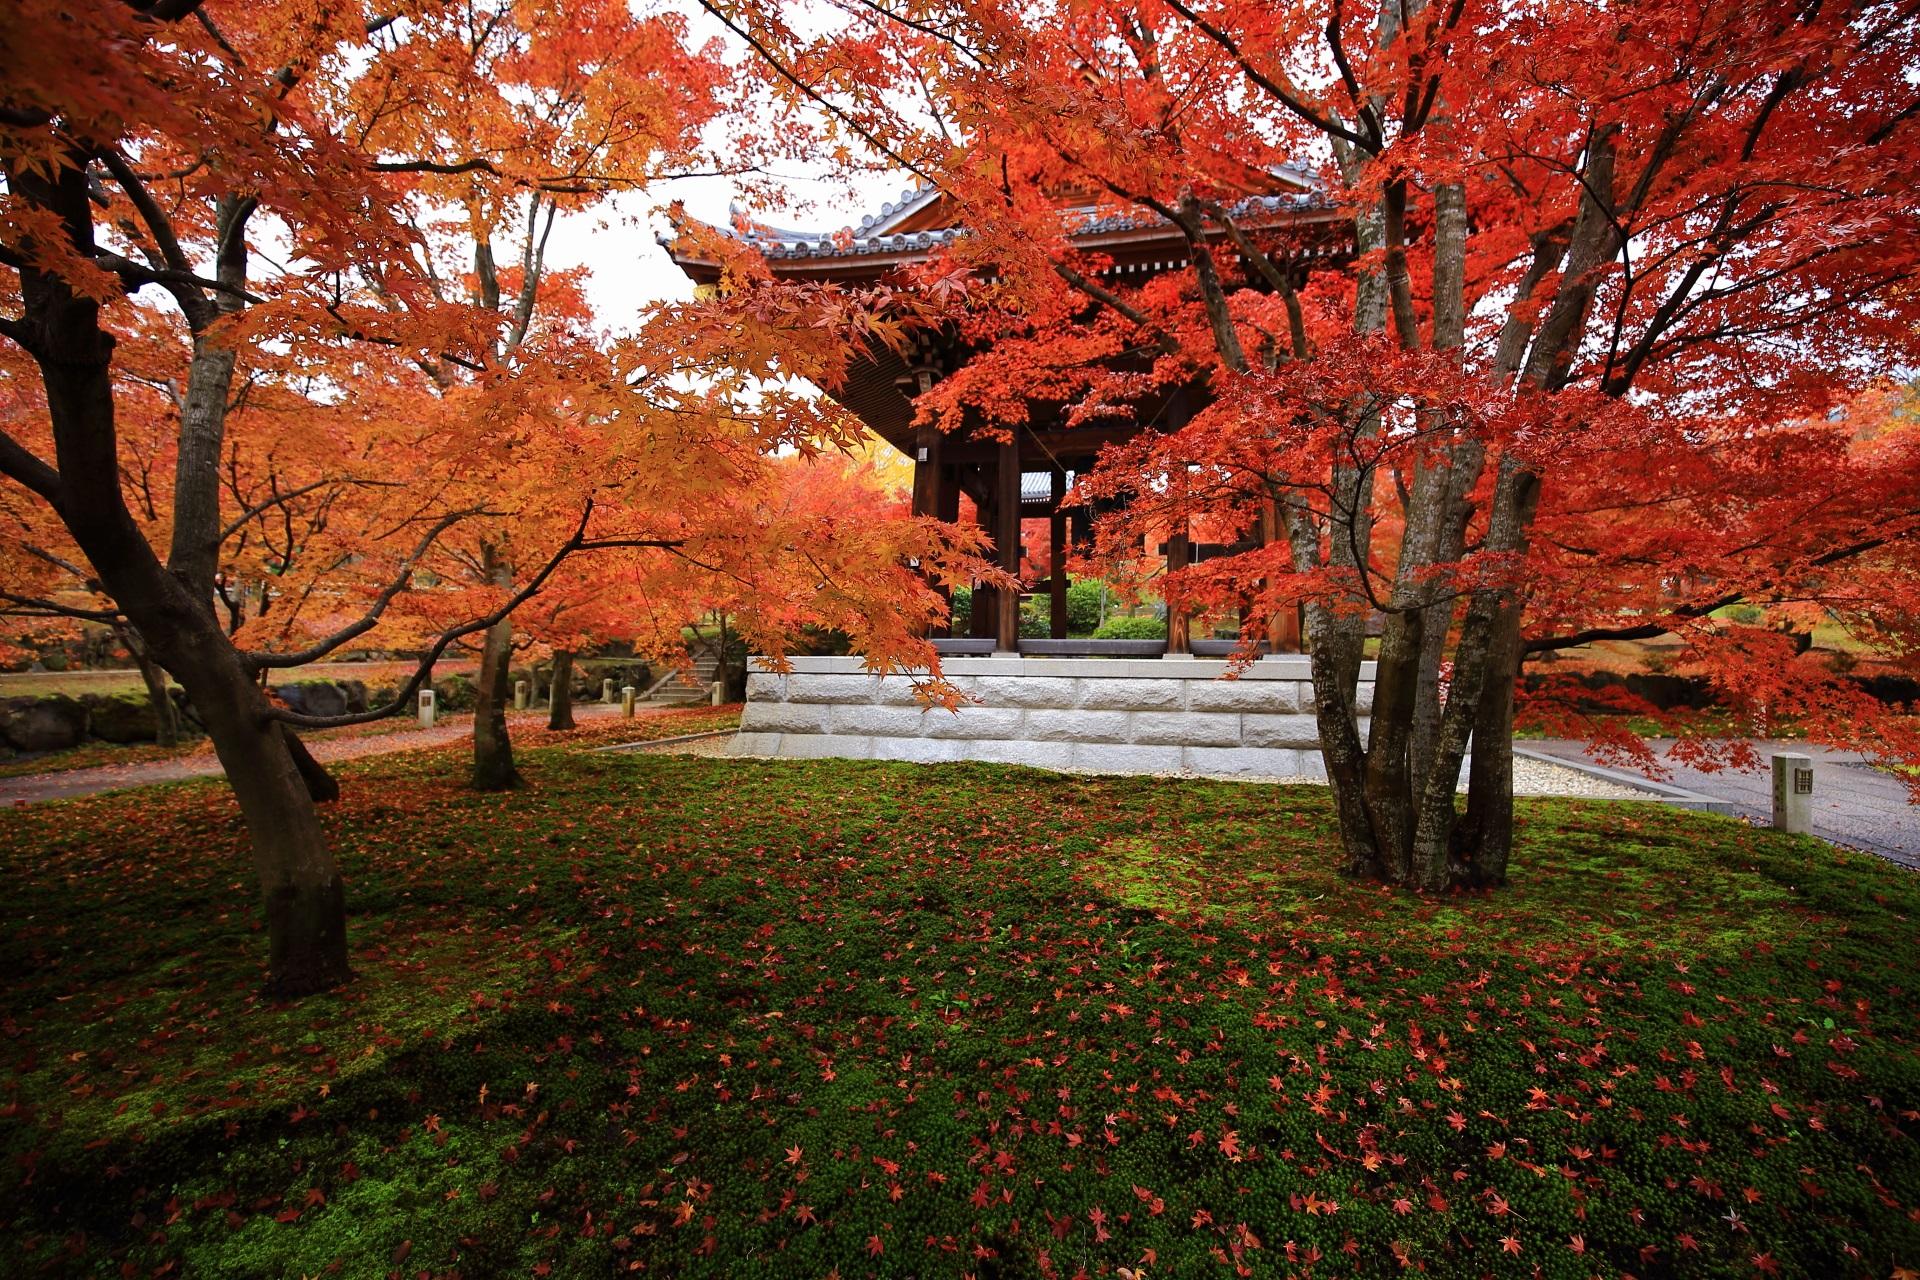 緑の苔と鐘楼を染める鮮やかな散りもみじと温かな紅葉